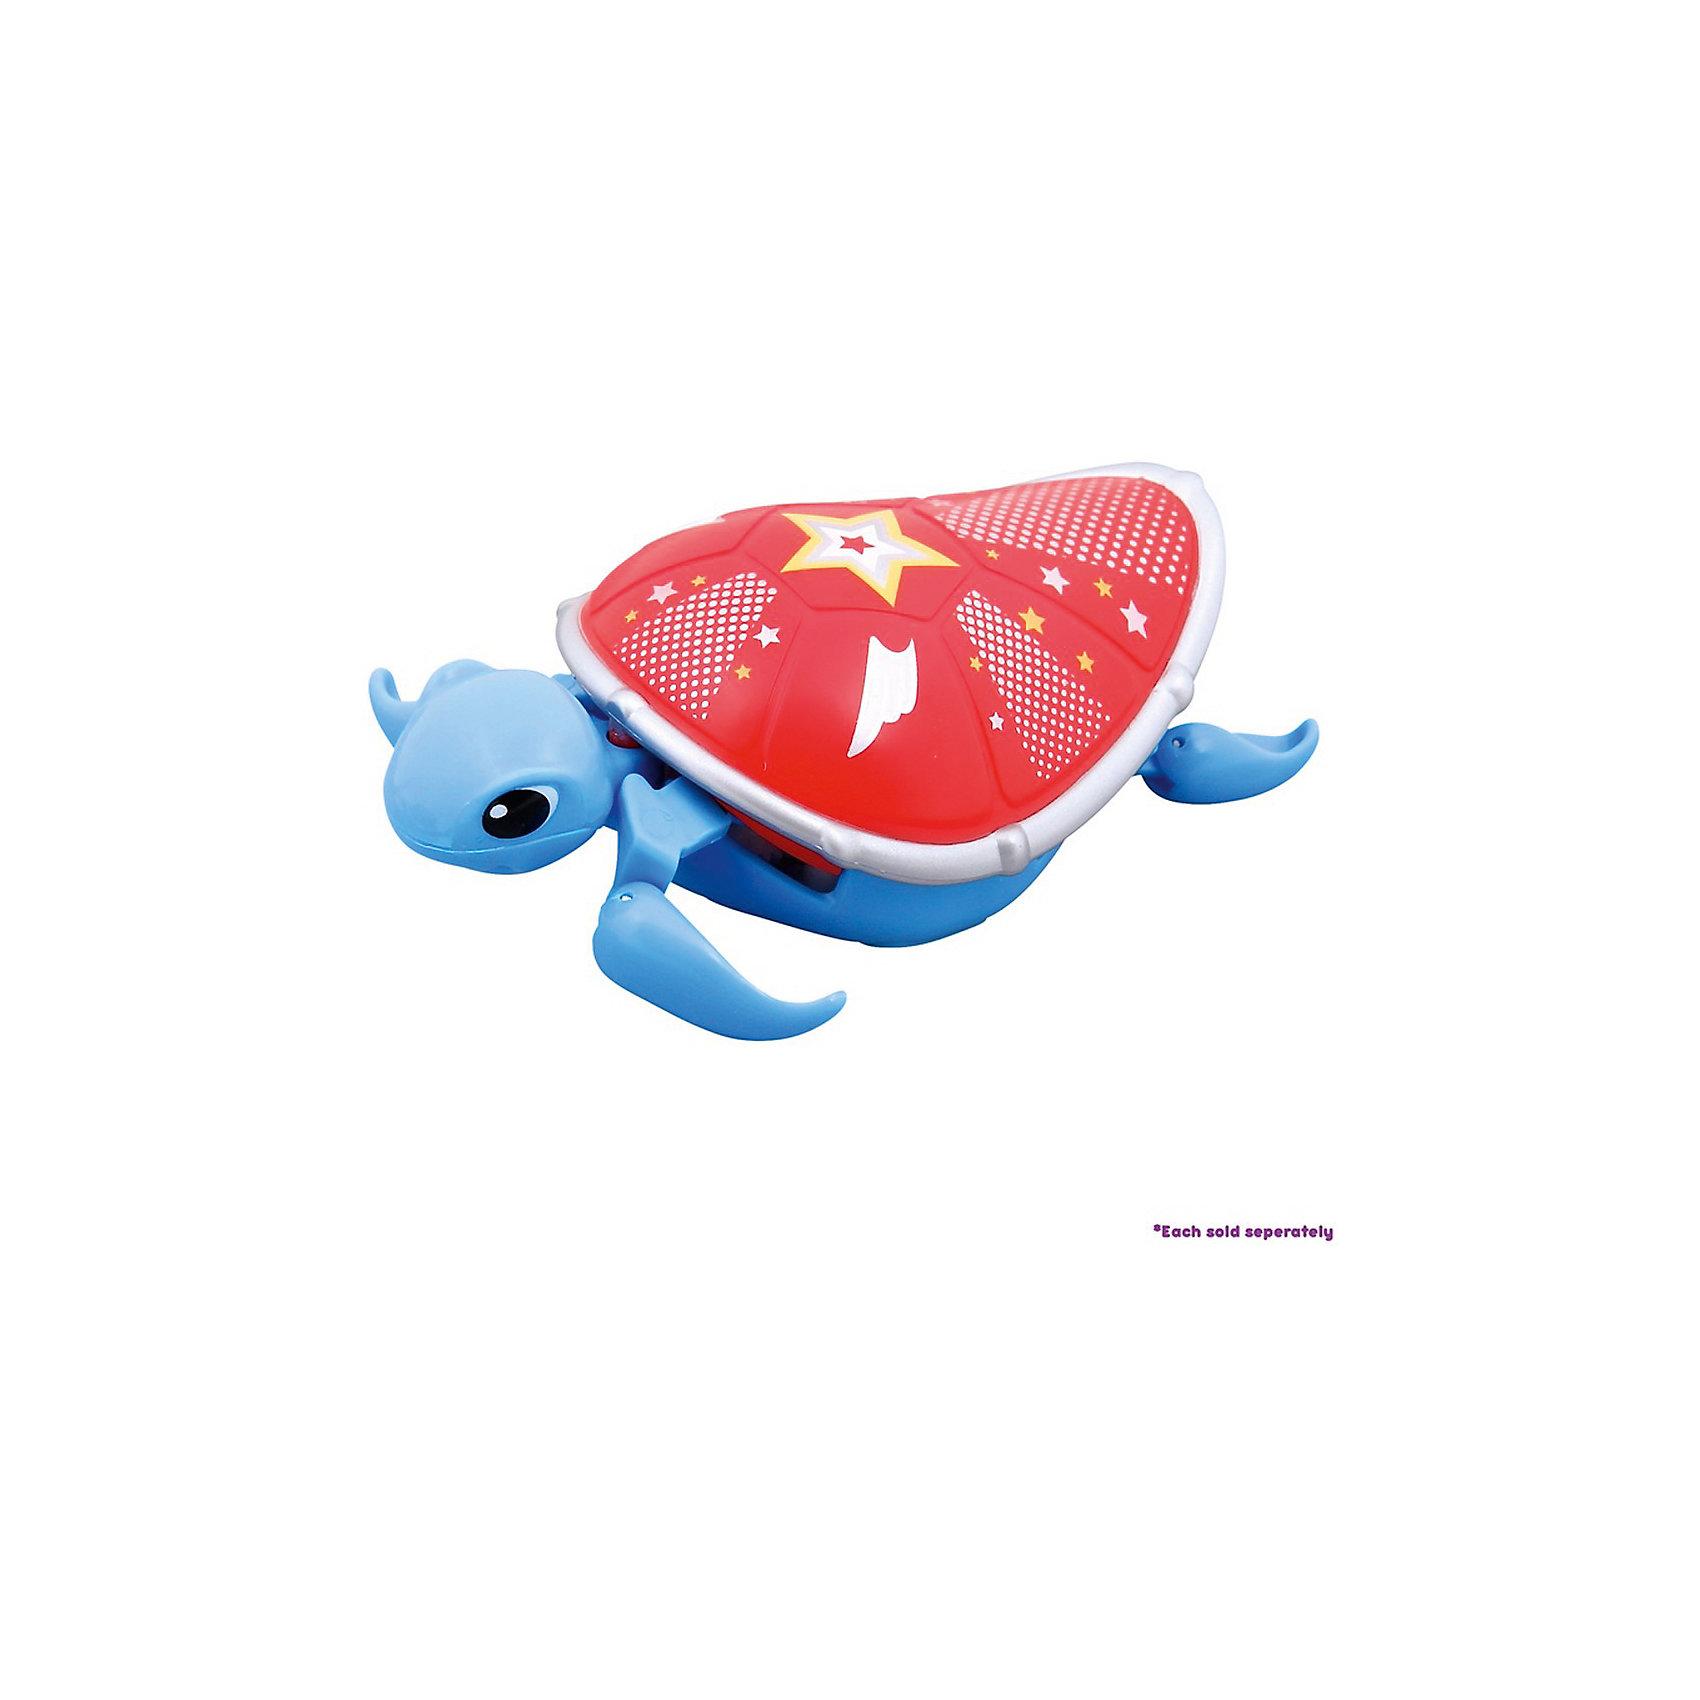 Интерактивная черепашка, голубая с красным панцирем, 3-я серия, Little Live PetsИнтерактивная черепашка, голубая с красным панцирем, 3-я серия, Little Live Pets<br>– разнообразит купание вашего малыша. <br>Черепашка не только замечательно ползает на суше, но и отлично плавает в воде. Черепашка очень похожа на настоящую. Материал безопасен для детей, не выделяет вредных веществ в воду. Она шевелит ластами и головой. Кнопка включения находится на брюшке. Не рекомендуется играть в морской воде и на песке.<br><br>Дополнительная информация:<br><br>- возраст: от 5 лет<br>- материал: пластик<br>- на батарейке ААА(LR03)  <br>- цвет: голубой с красным панцирем<br><br>Интерактивную черепашку, голубая с красным панцирем, 3-я серия, Little Live Pets<br> можно купить в нашем интернет-магазине.<br><br>Ширина мм: 50<br>Глубина мм: 160<br>Высота мм: 220<br>Вес г: 200<br>Возраст от месяцев: 60<br>Возраст до месяцев: 120<br>Пол: Унисекс<br>Возраст: Детский<br>SKU: 5055303